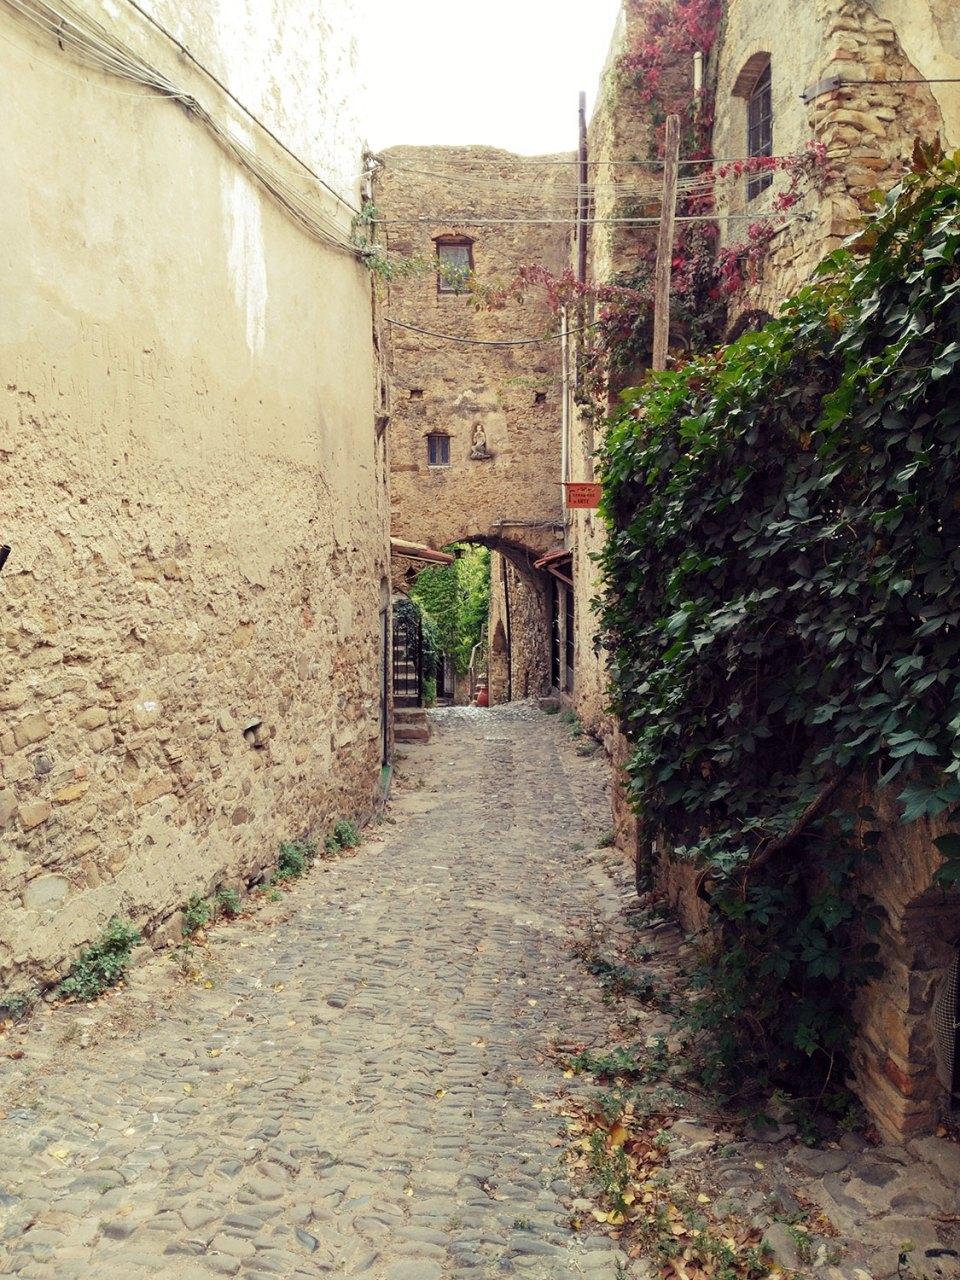 Straße in Bussana Vecchia